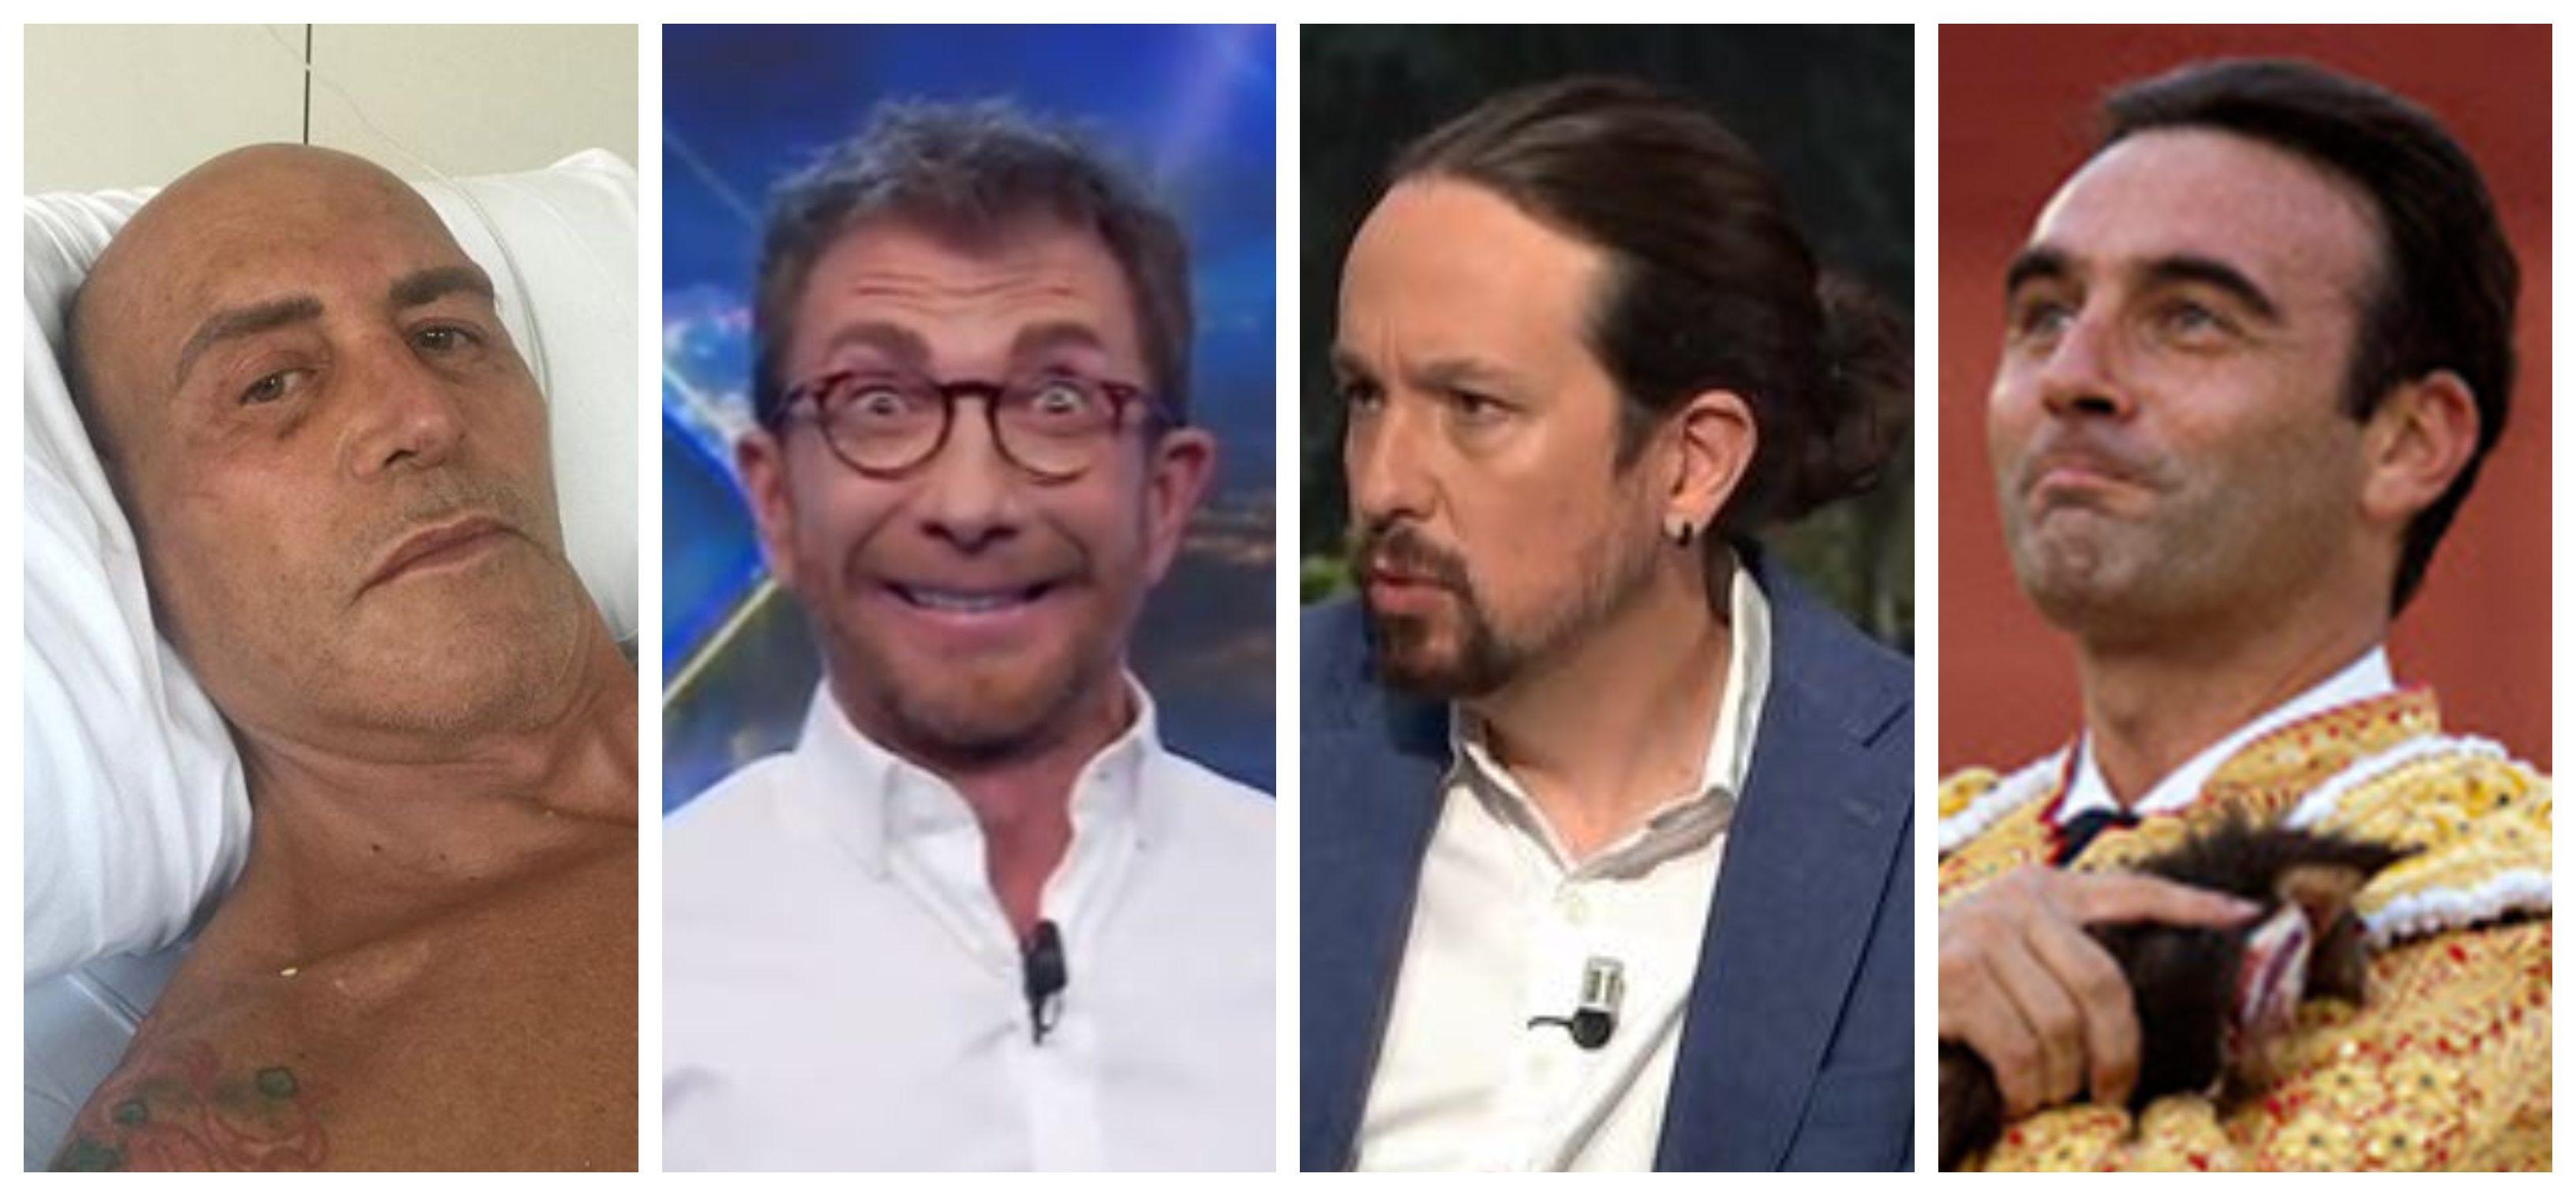 Pablo Motos regresa a la tele metiendo genuinas puñaladas a Podemos, Kiko Matamoros y Enrique Ponce